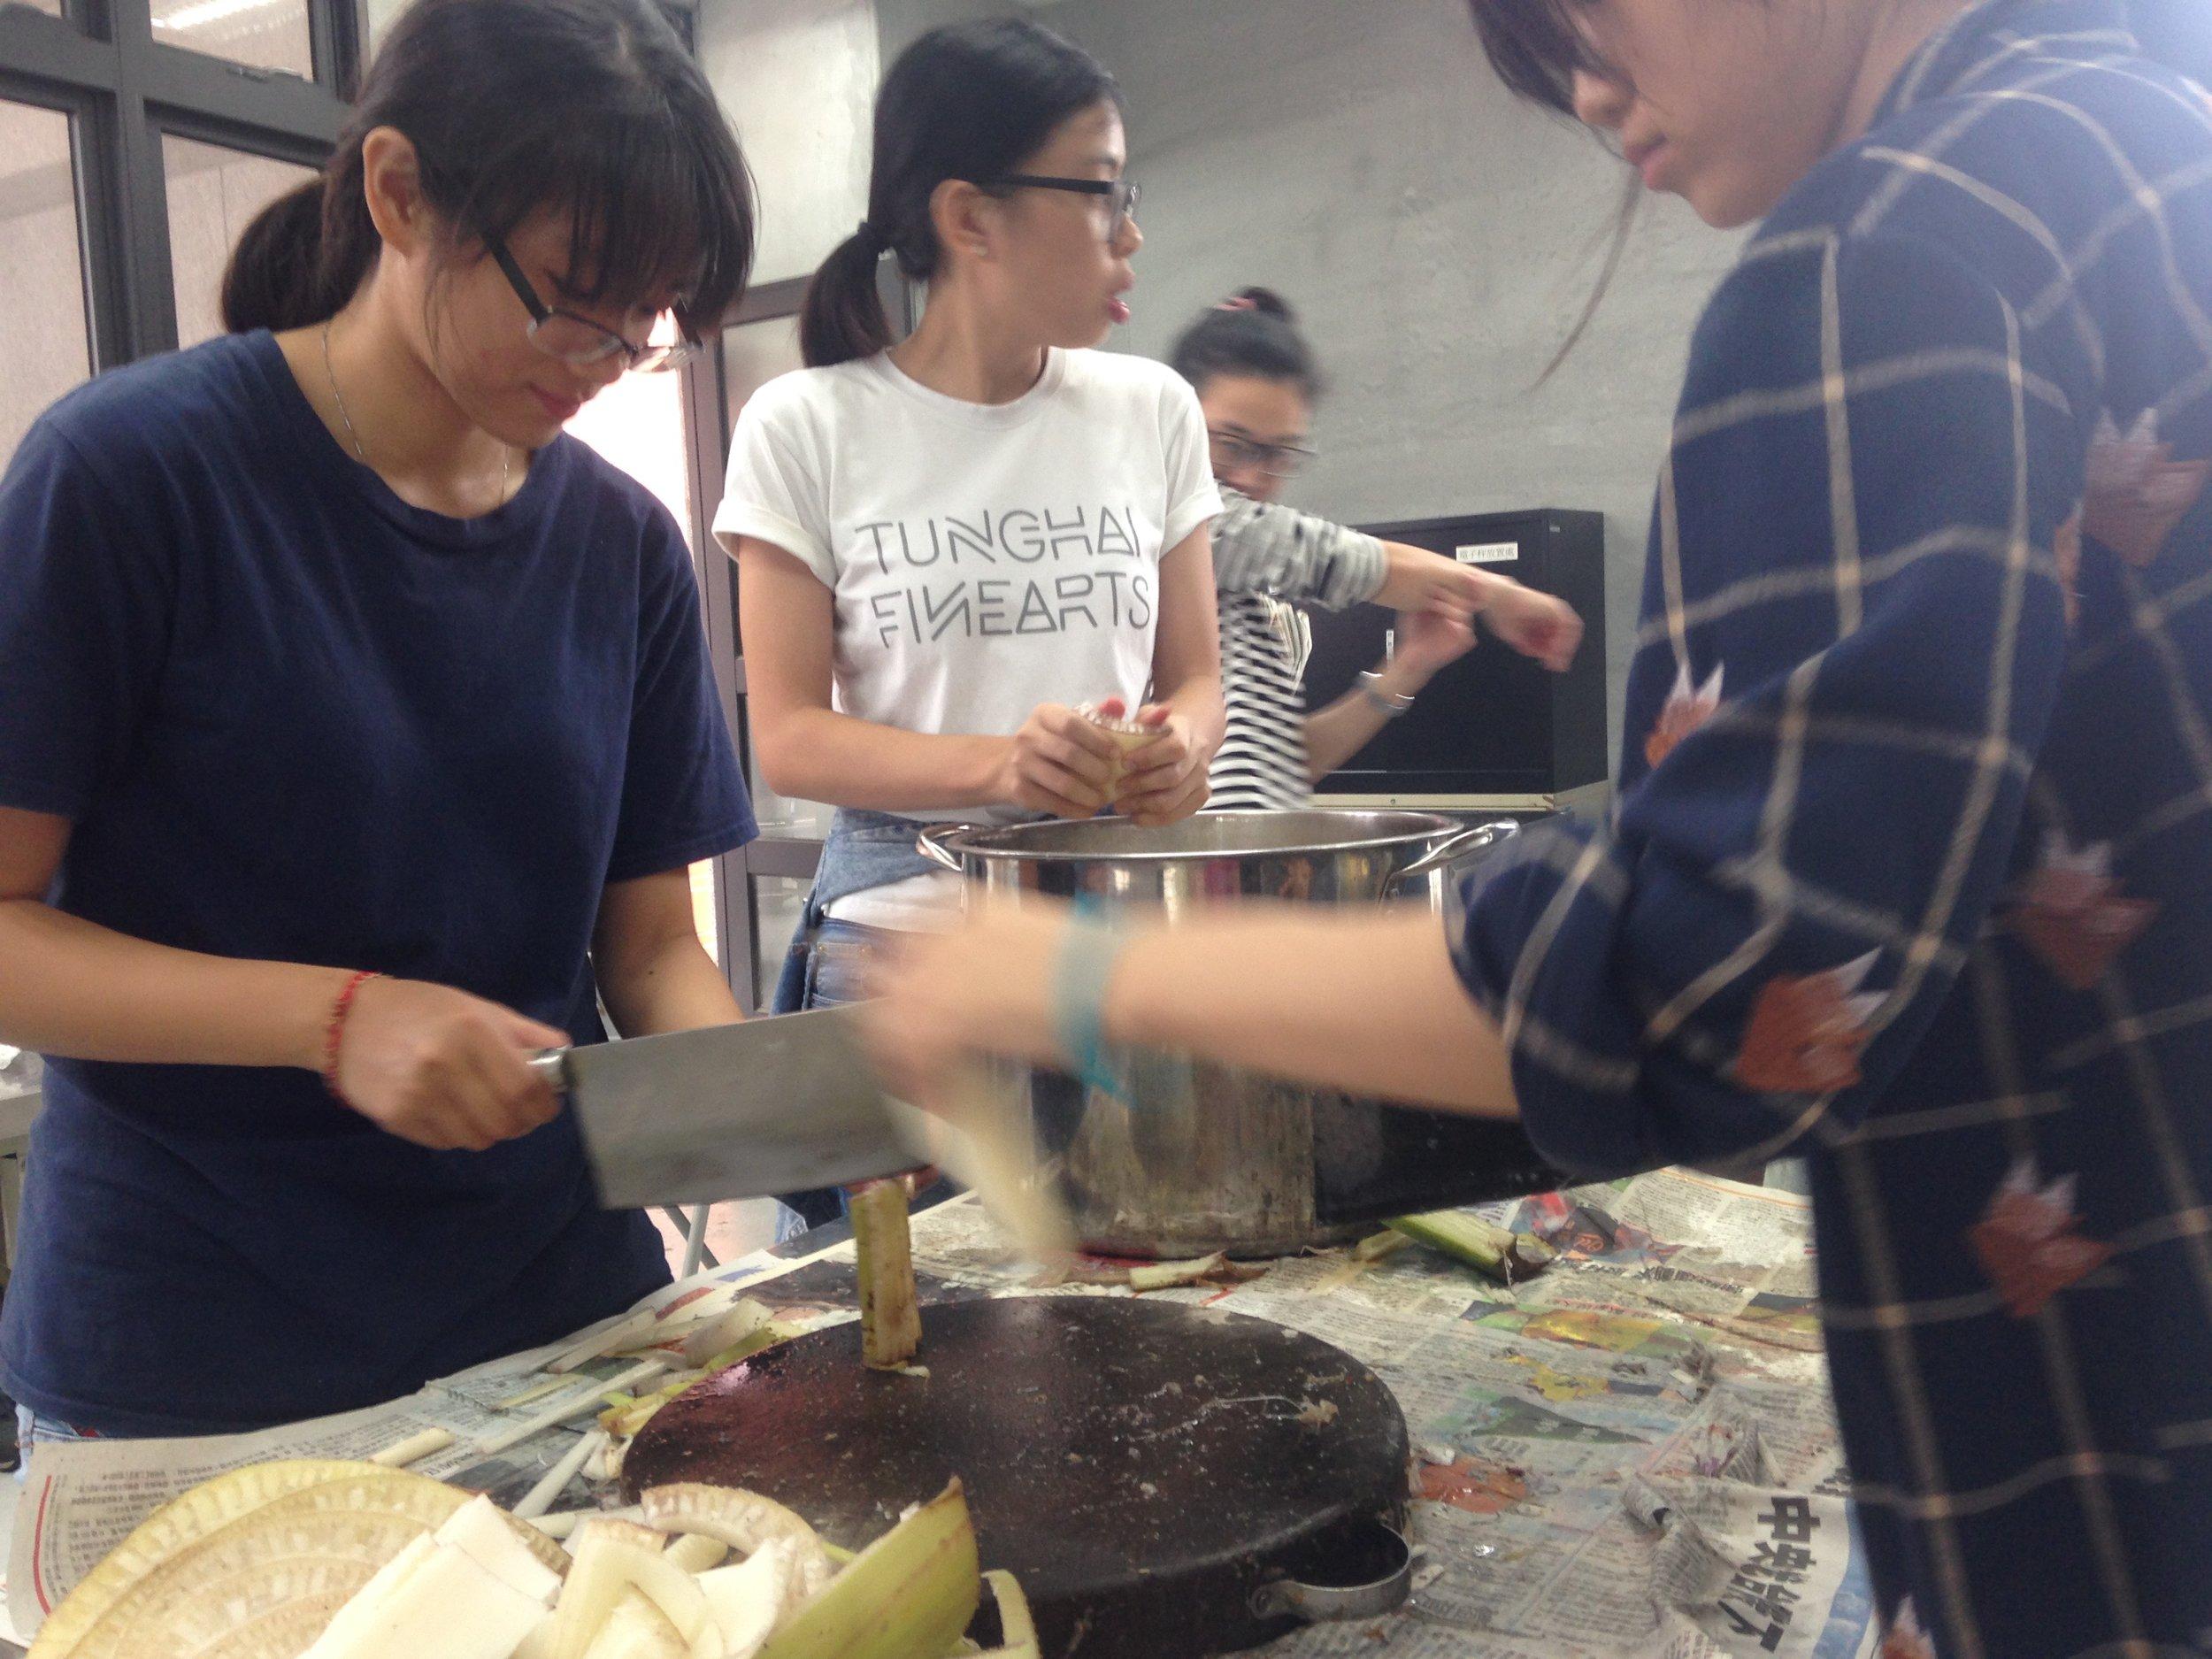 Students at Tainan University preparing banana ready to cook